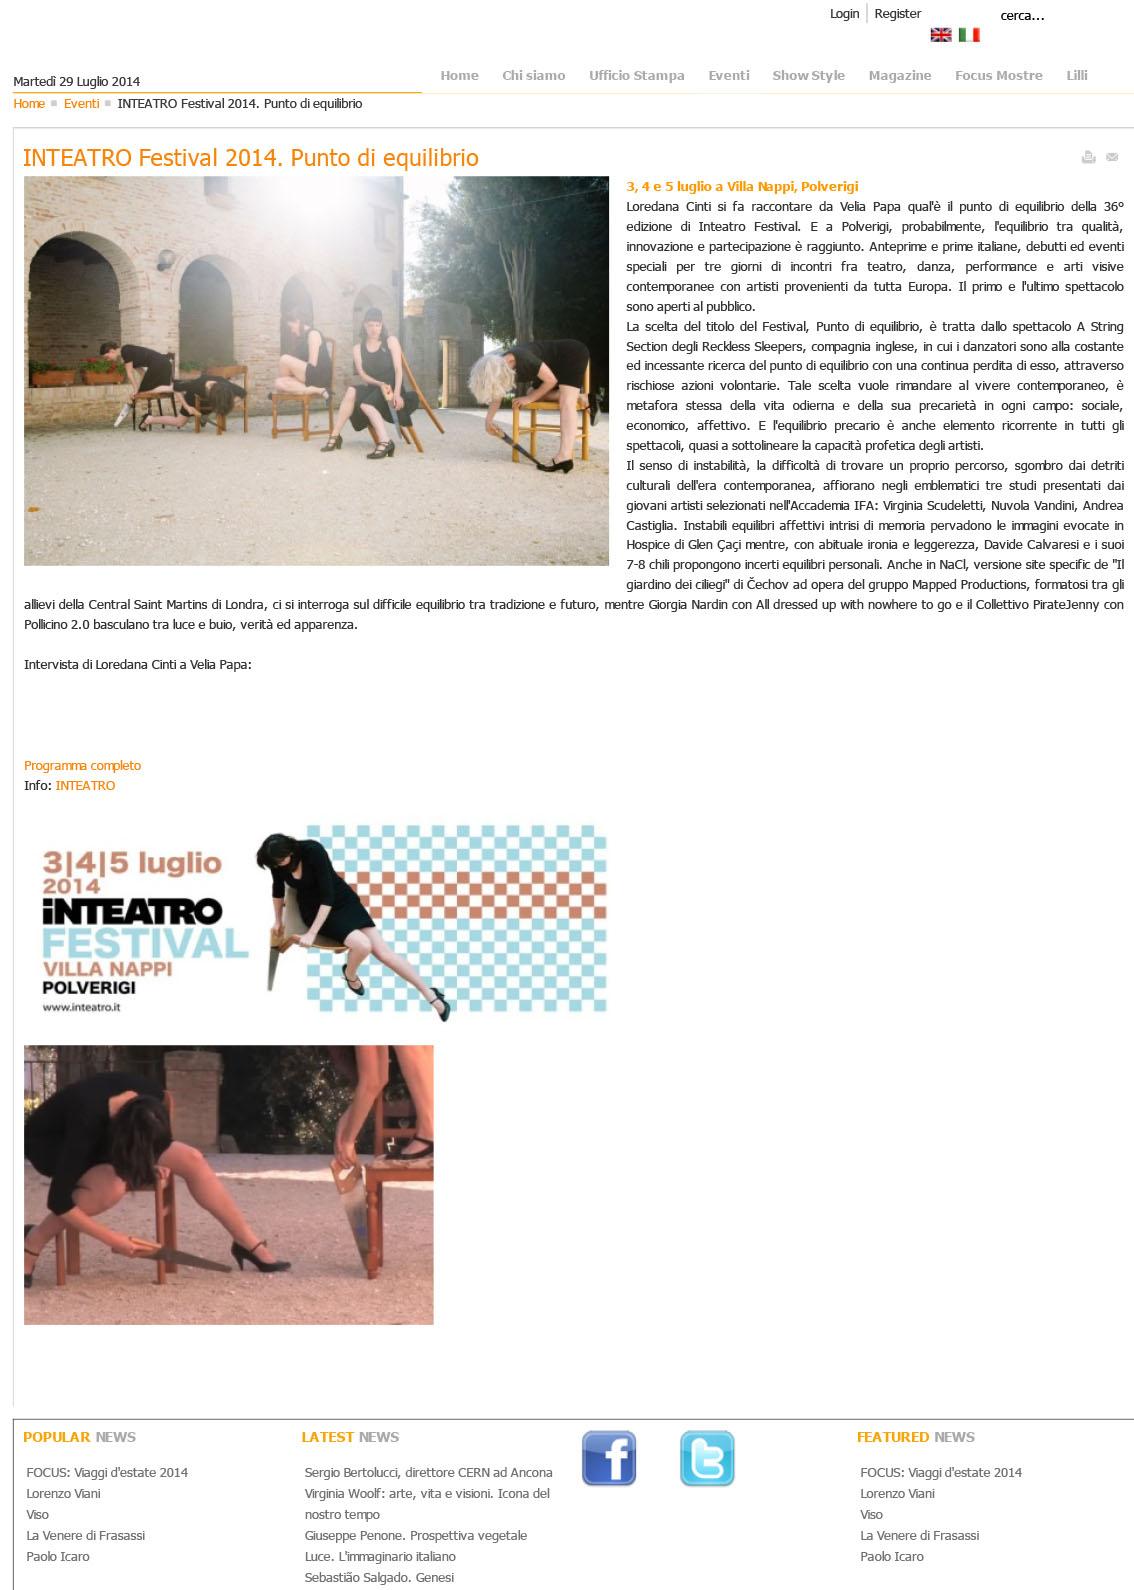 2014.07.01 INTEATRO Festival 2014. Punto di equilibrio - gabriellapapini.com